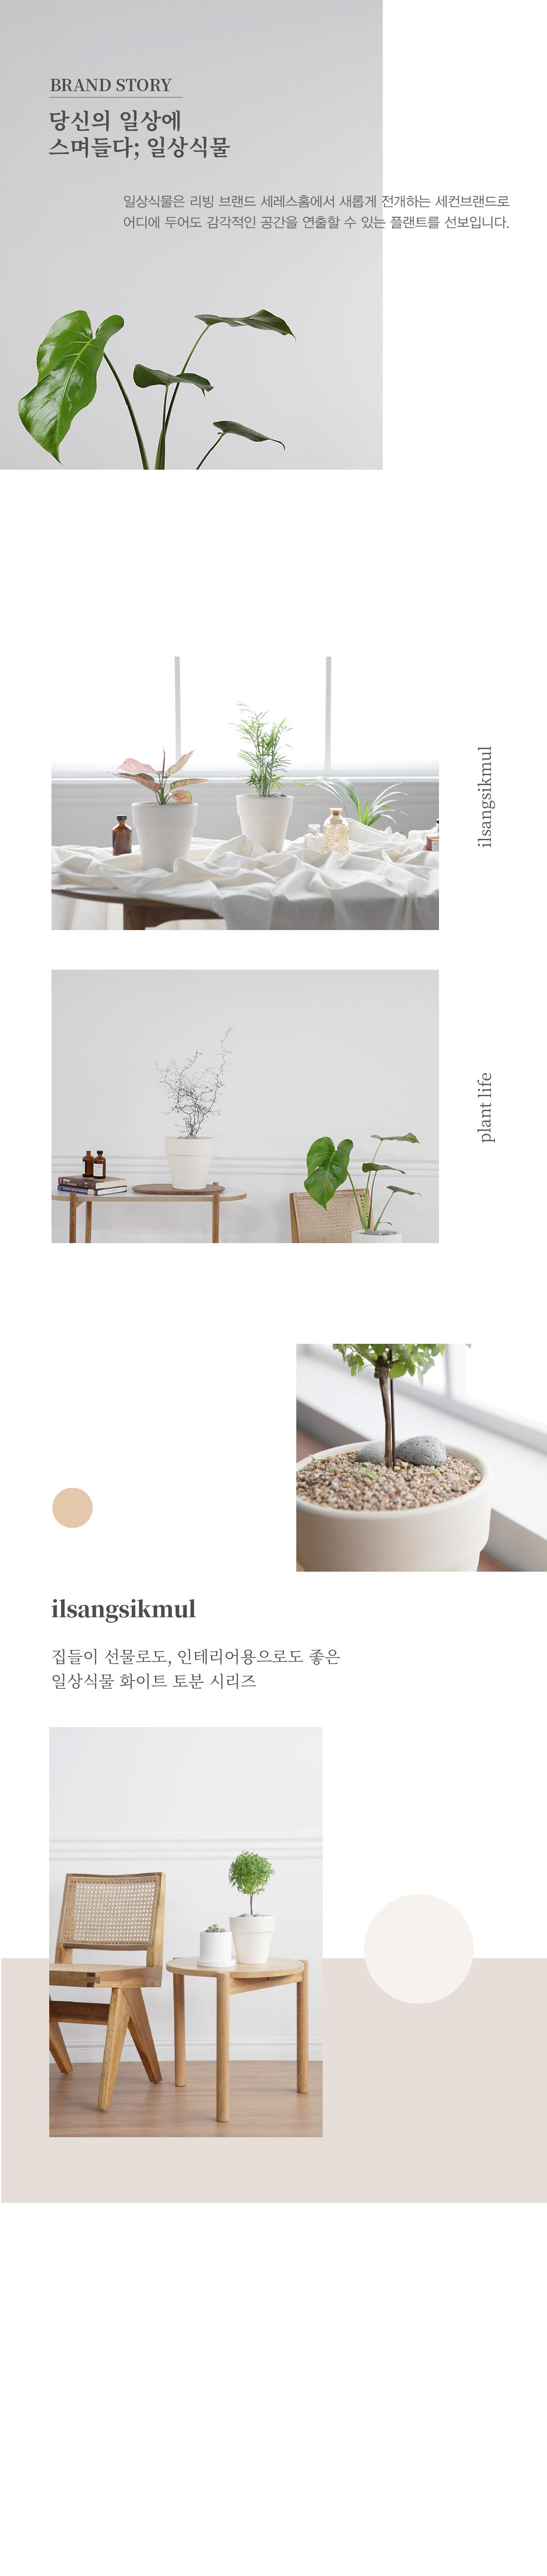 인테리어식물 집들이선물 실내공기정화식물 16종 모음 - 세레스홈, 40,000원, 허브/다육/선인장, 공기정화식물